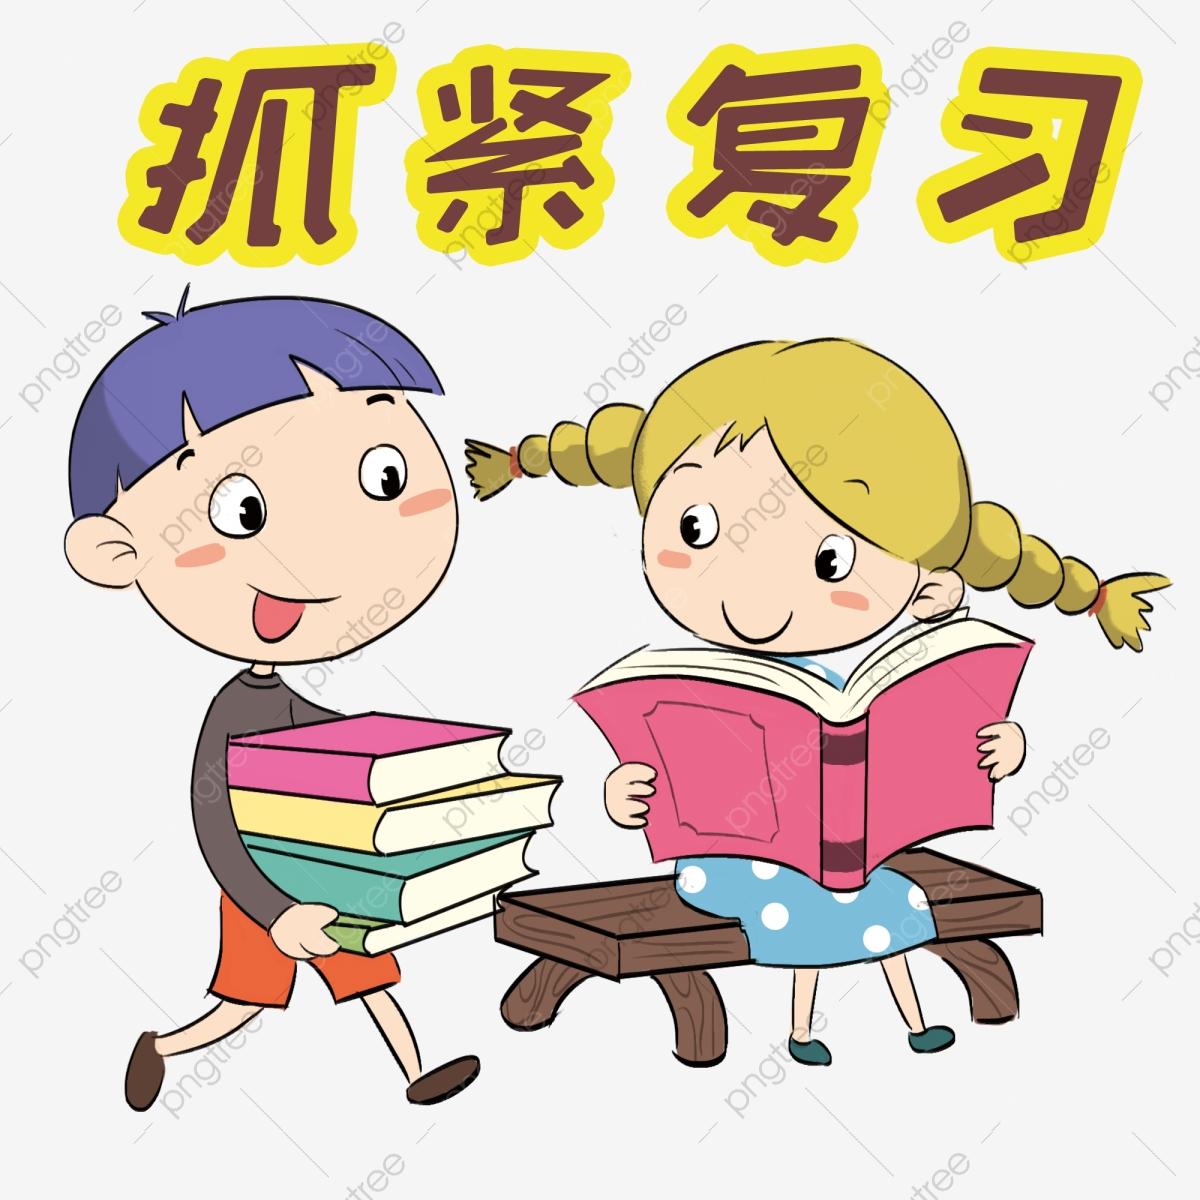 ベクトルの児童学習イラスト ベクトル図 児童読む 書籍を読む画像素材の